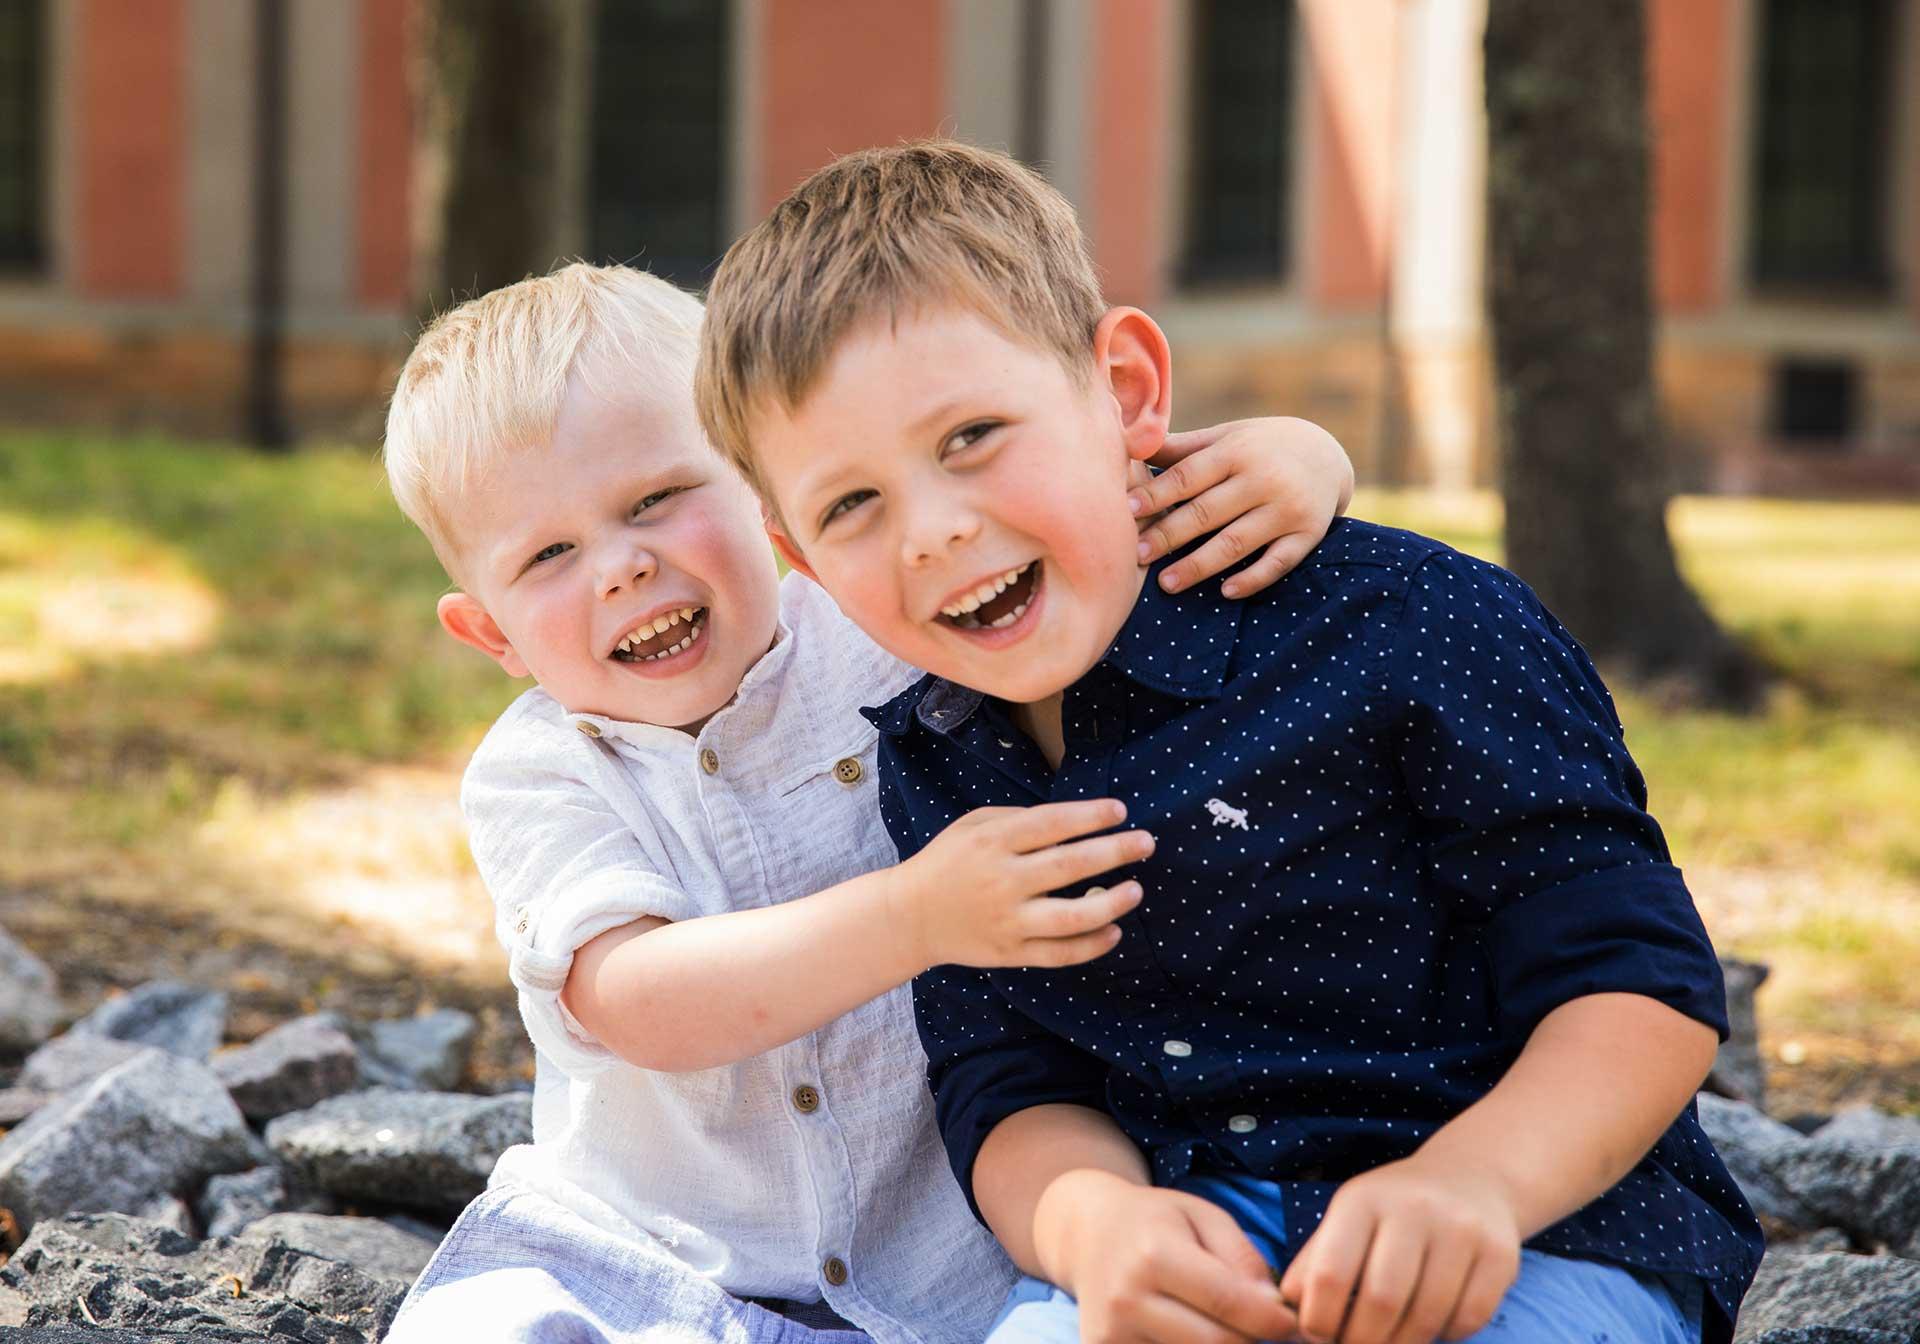 Fototips bilder Foto av två skrattande barn i Kungsör